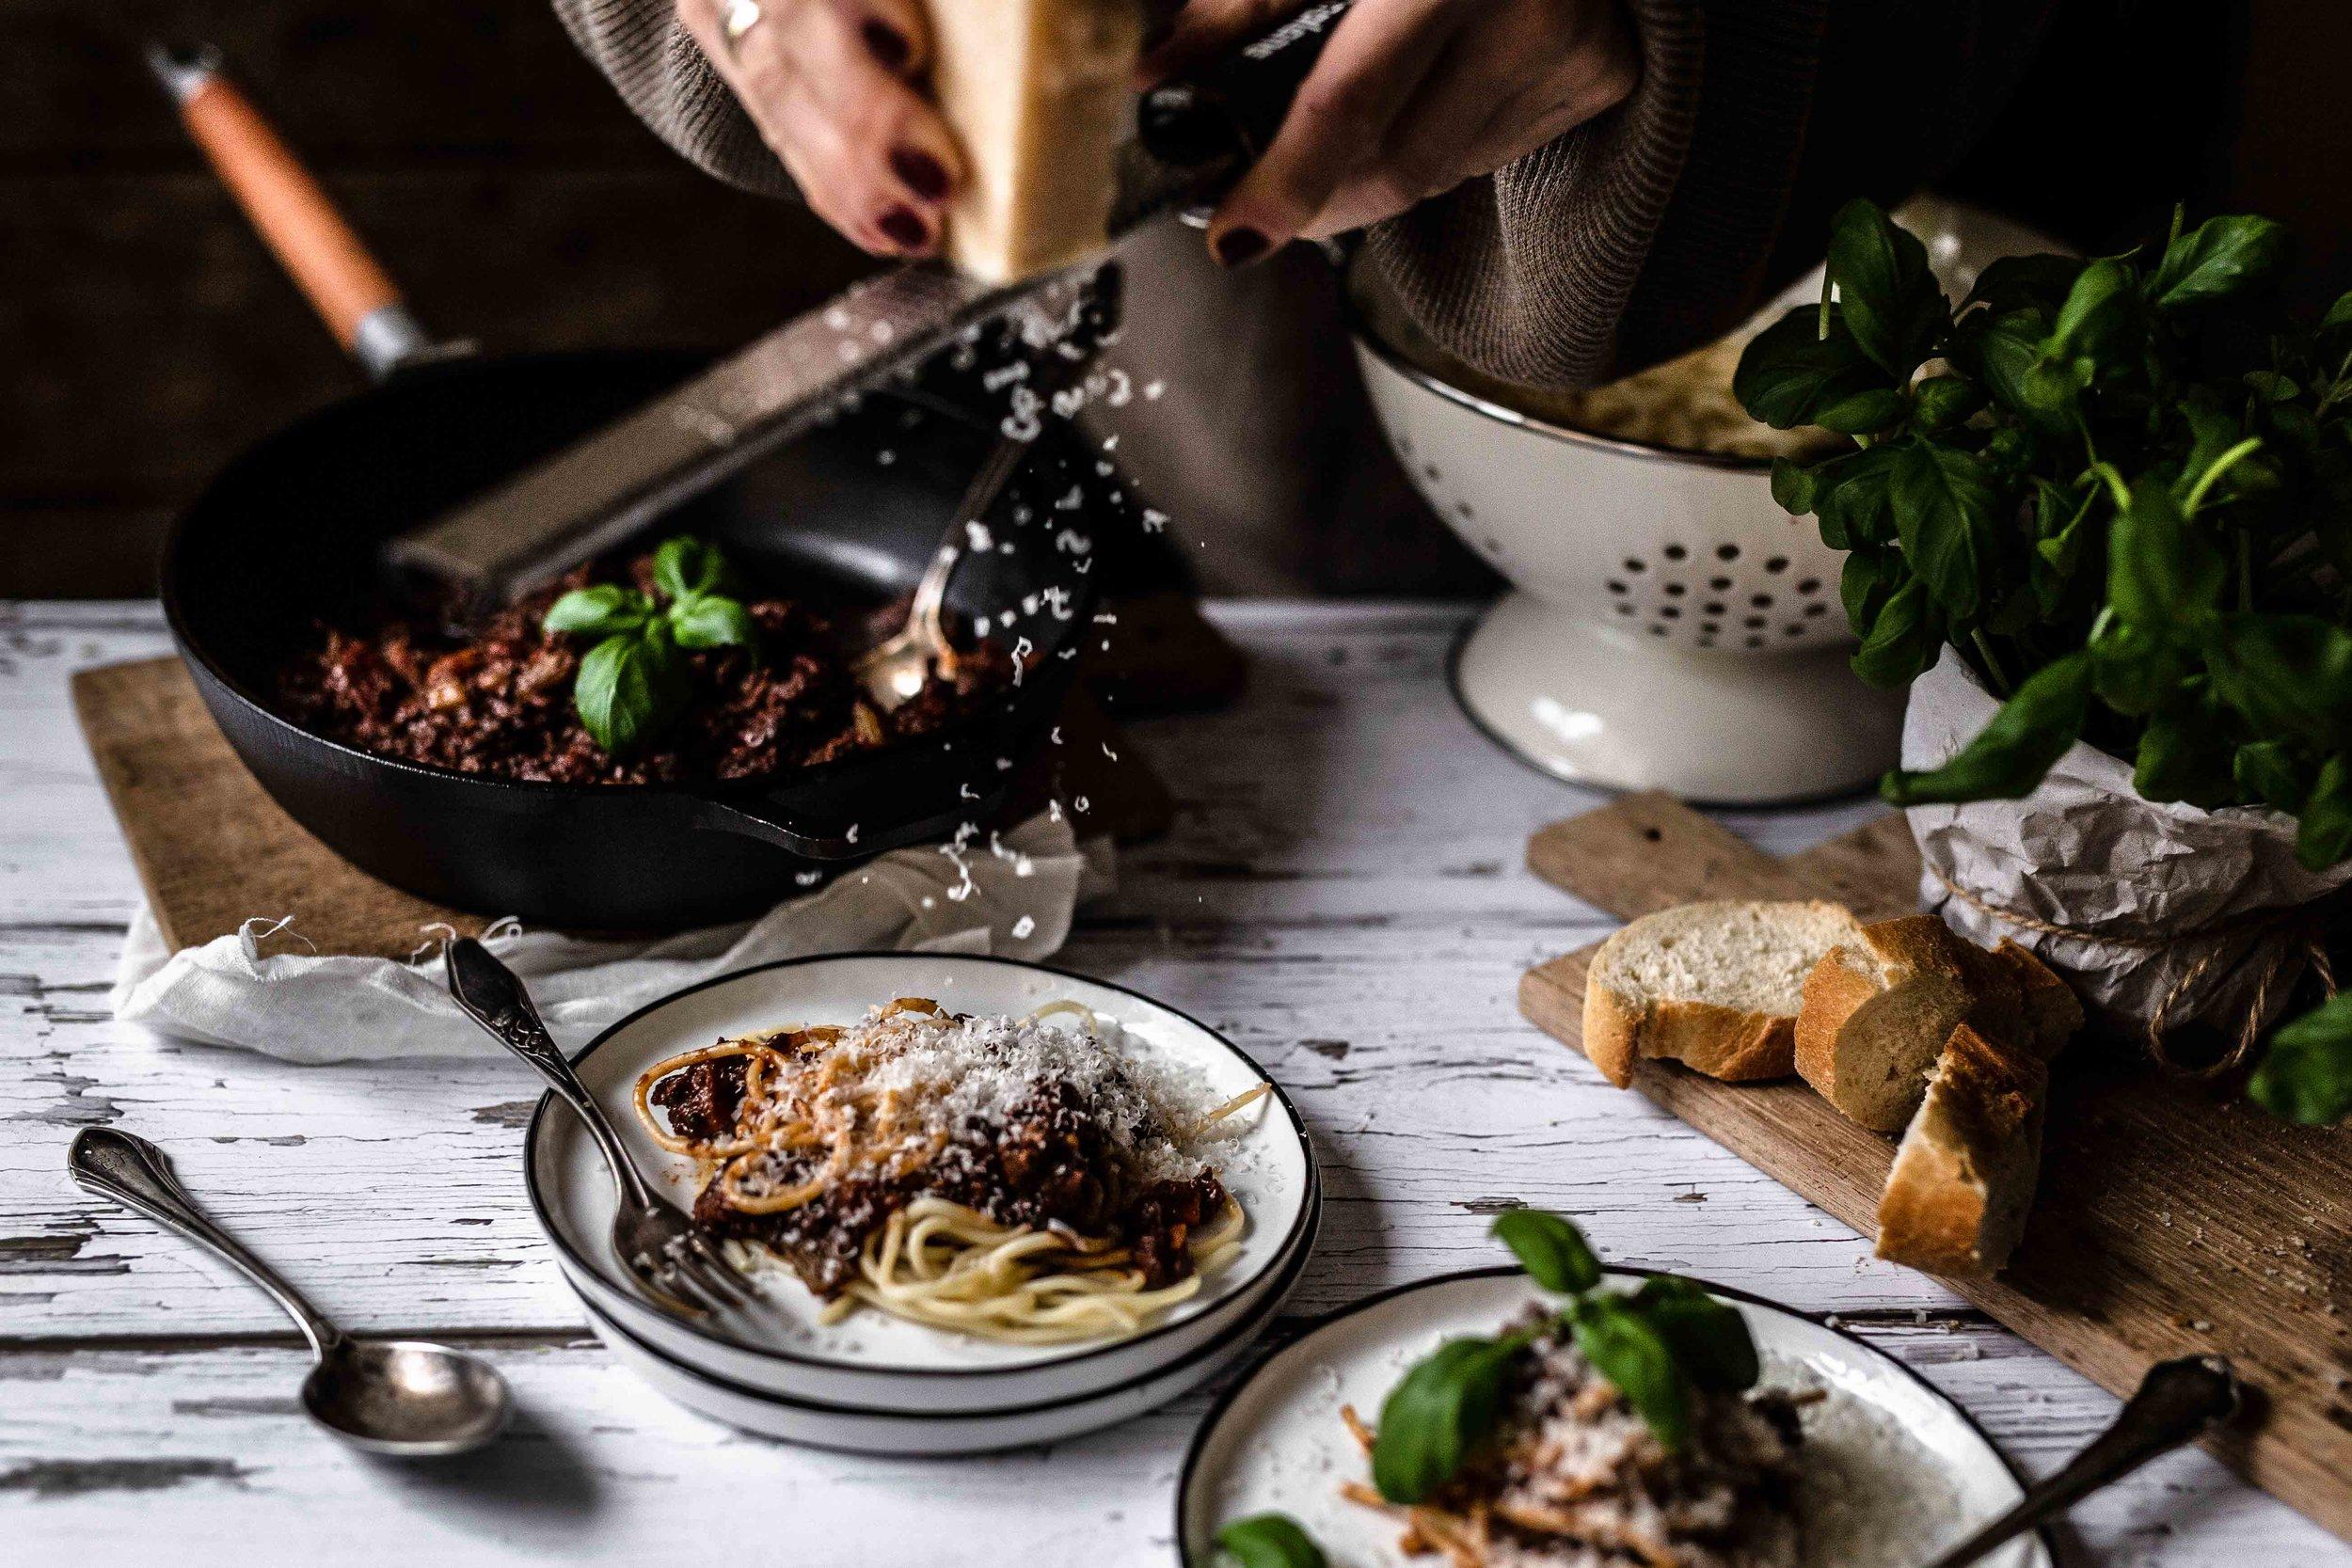 Das letzte i-Tüpfelchen ist frisch geriebener Parmesan. Lasst es euch schmecken!